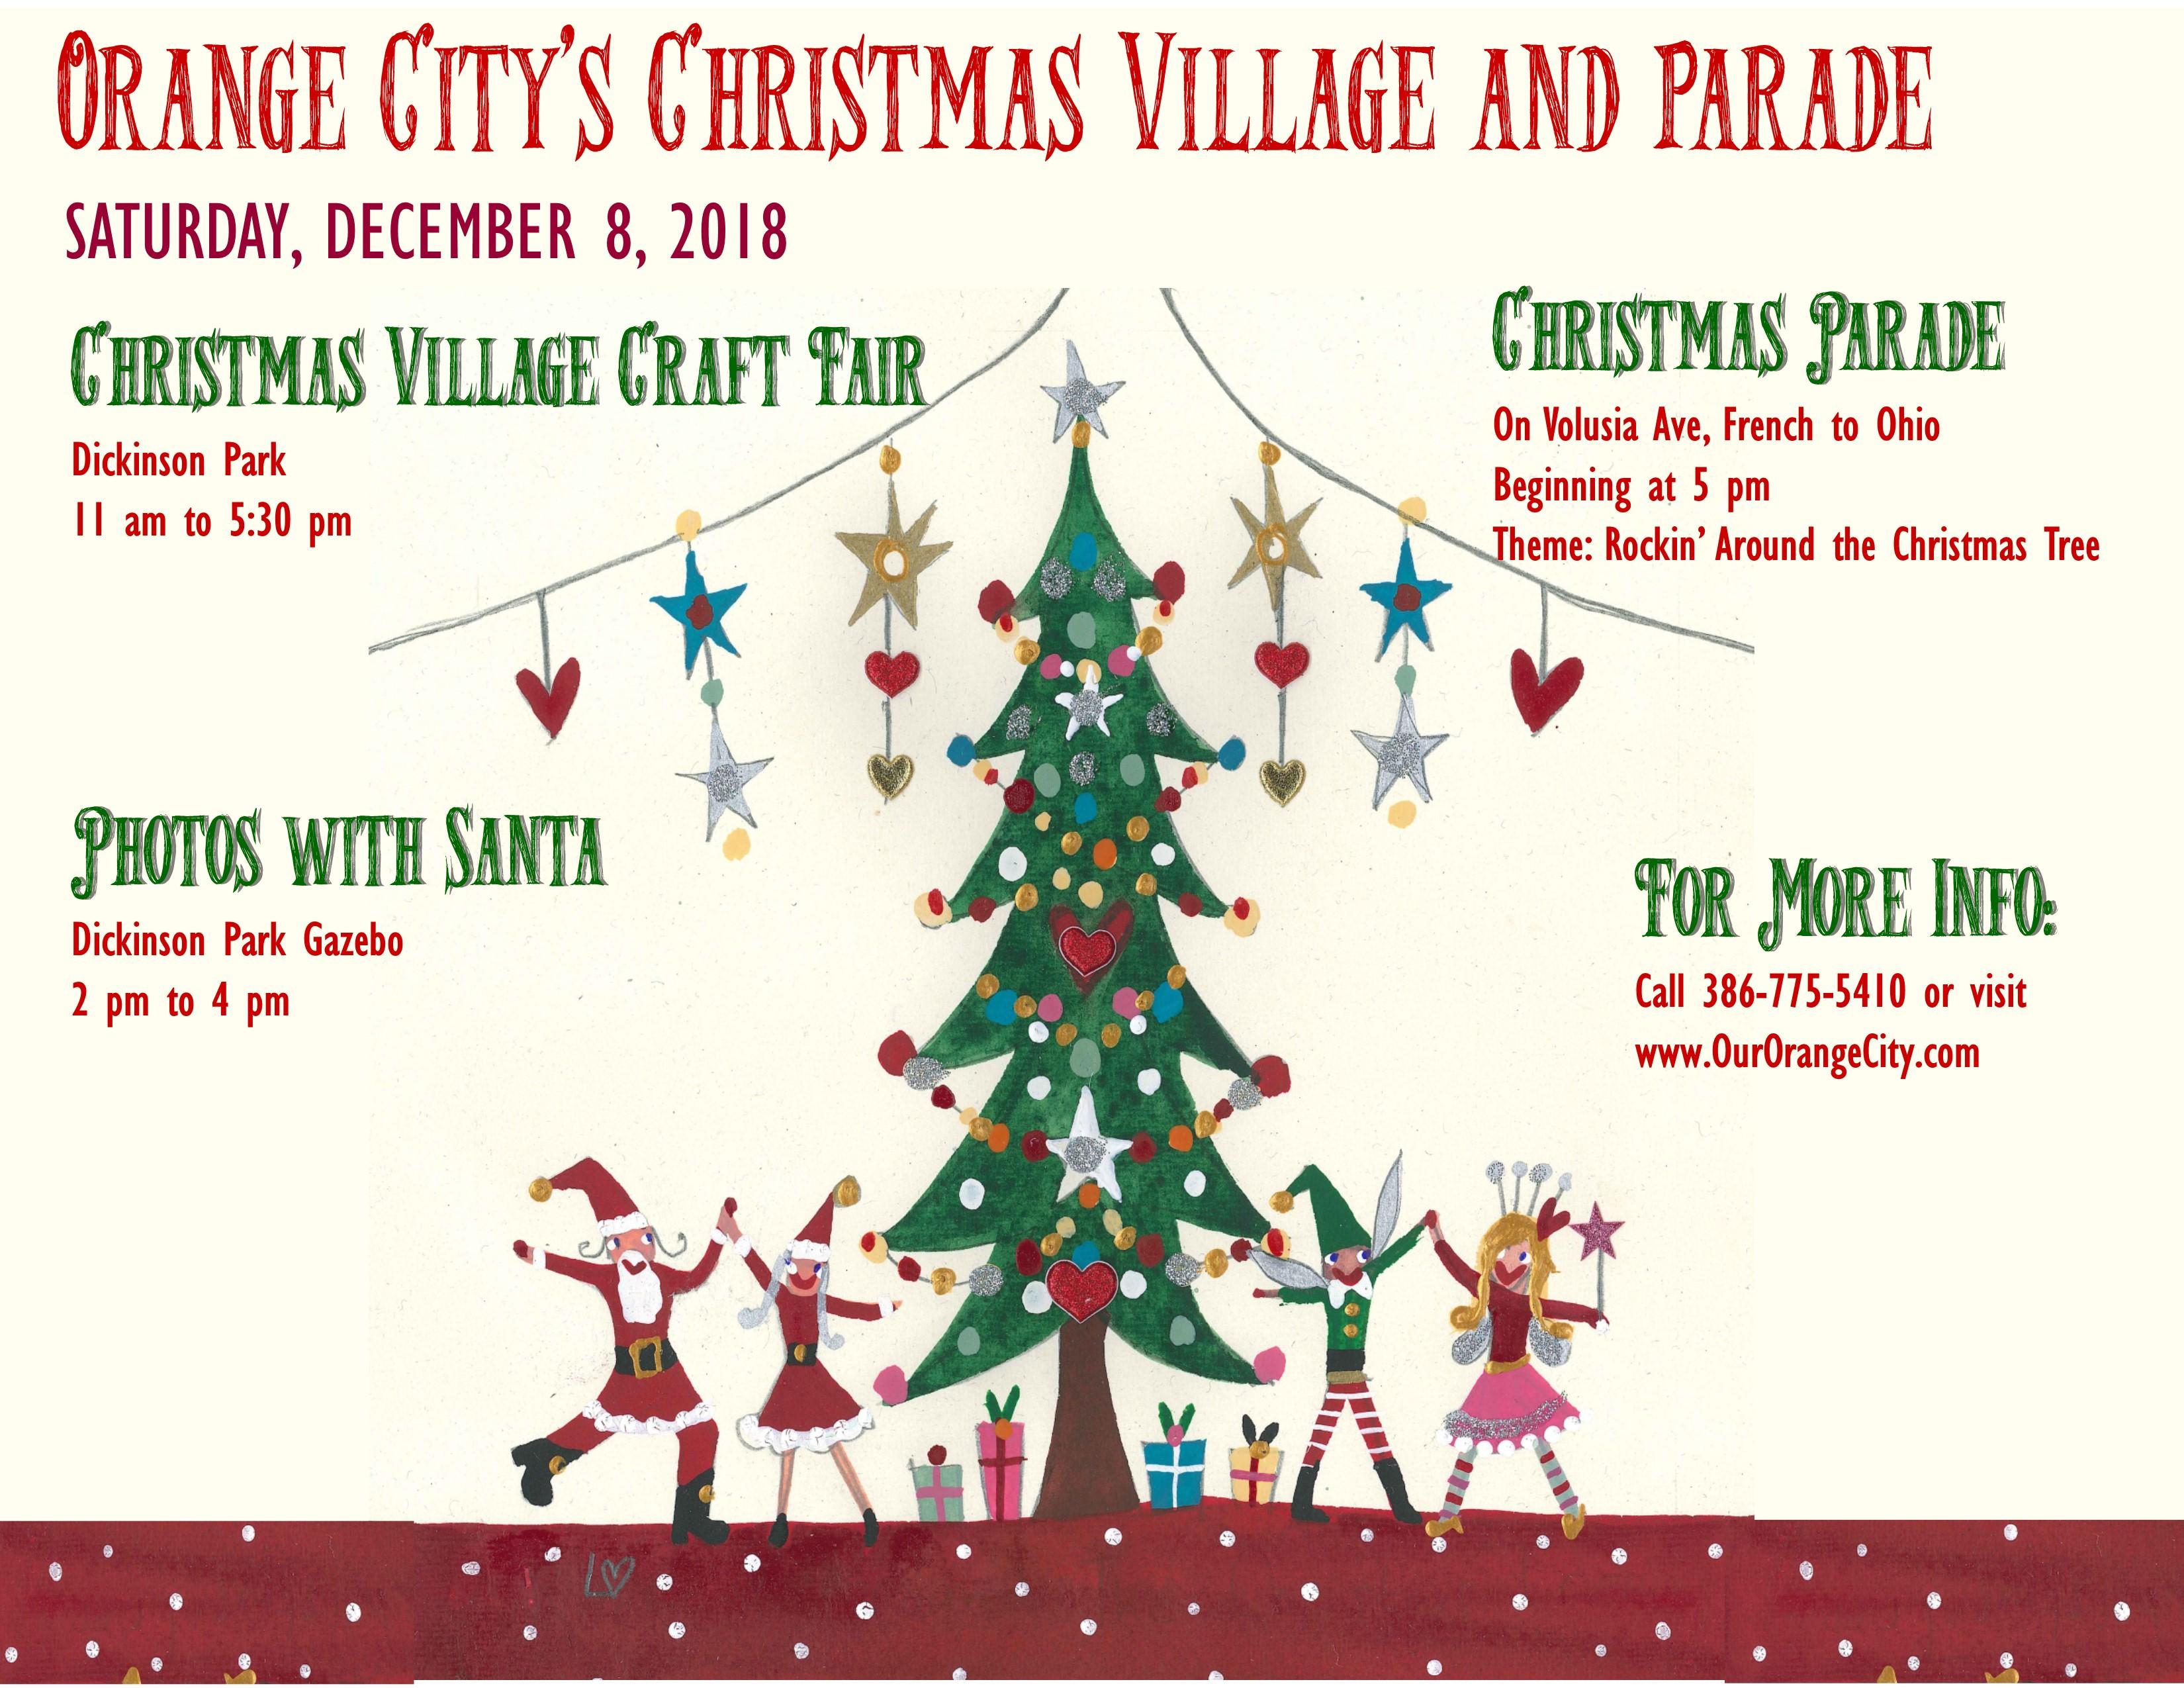 Christmas Event In Florida.Orange City Christmas Parade A Tropical Christmas